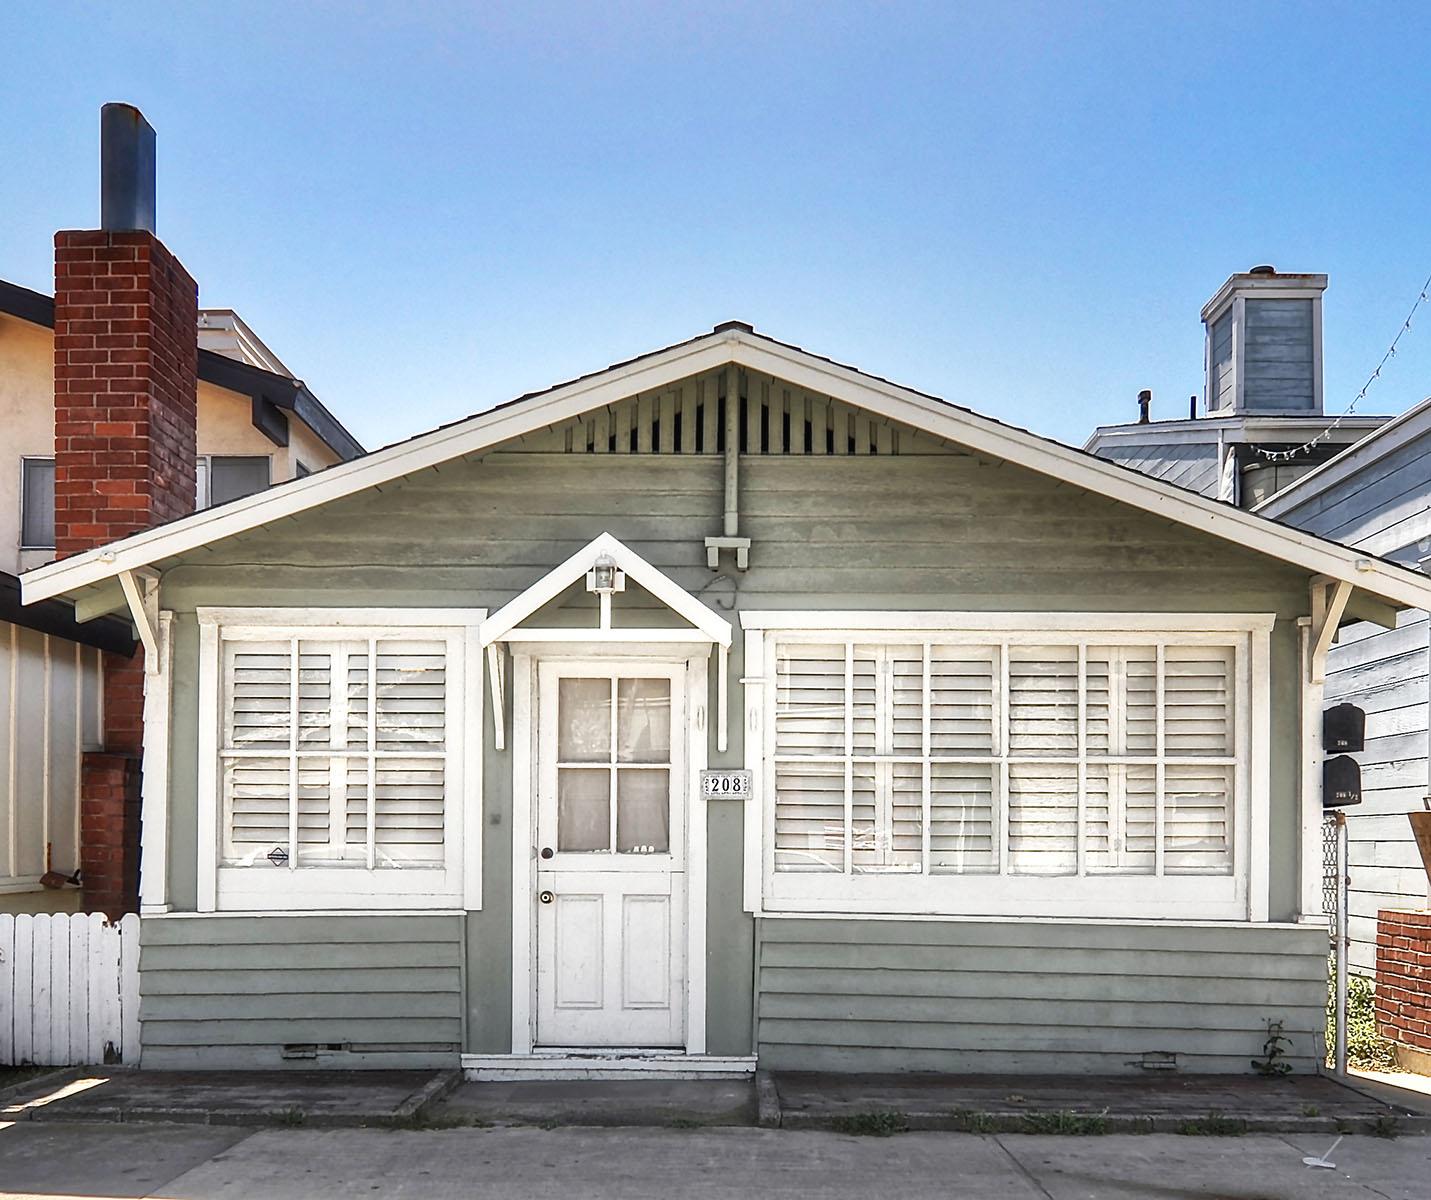 Casa Unifamiliar por un Venta en 208 29th Street Newport Beach, California 92663 Estados Unidos